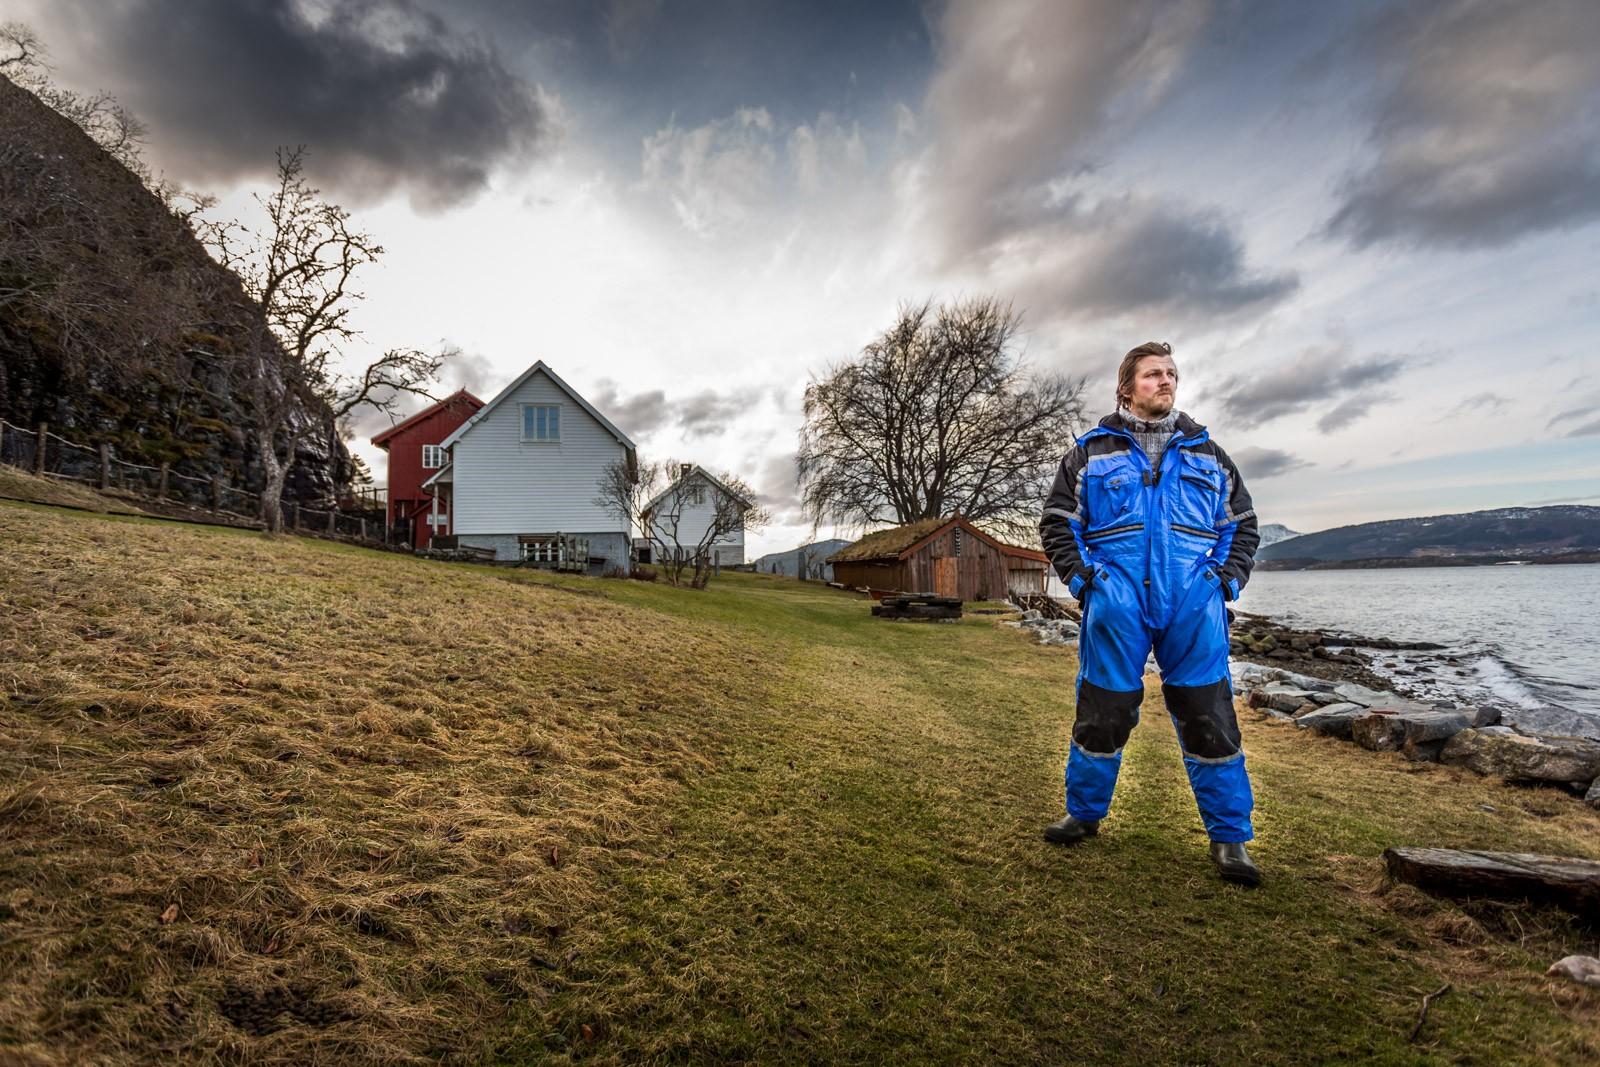 For ti år sidan fekk Severin Rønes nok av livet sitt på ein møbelfabrikk. Han tok eit oppgjer med seg sjølv og flytta til den fråflytta familiegarden Røneset, som manglar veg.